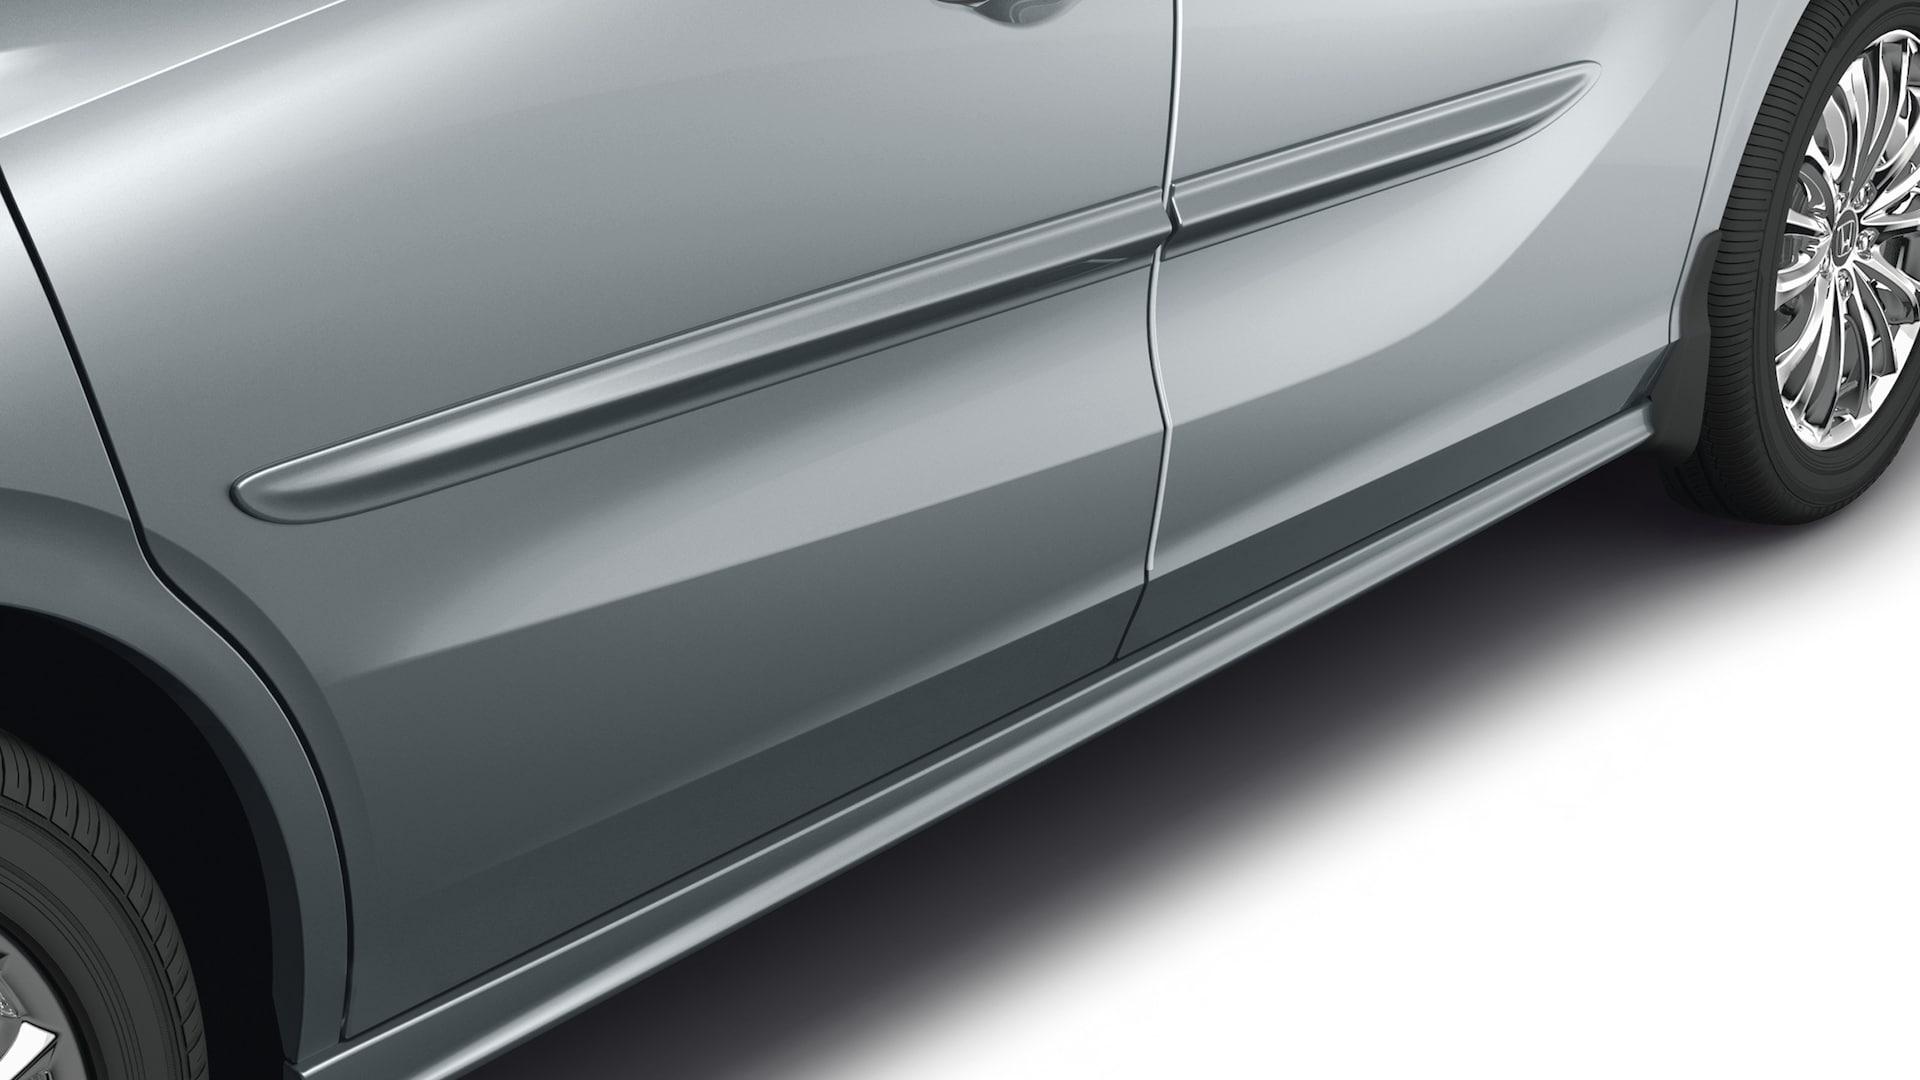 Detalle del accesorio: molduras laterales de la carrocería de la Honda Odyssey 2020.